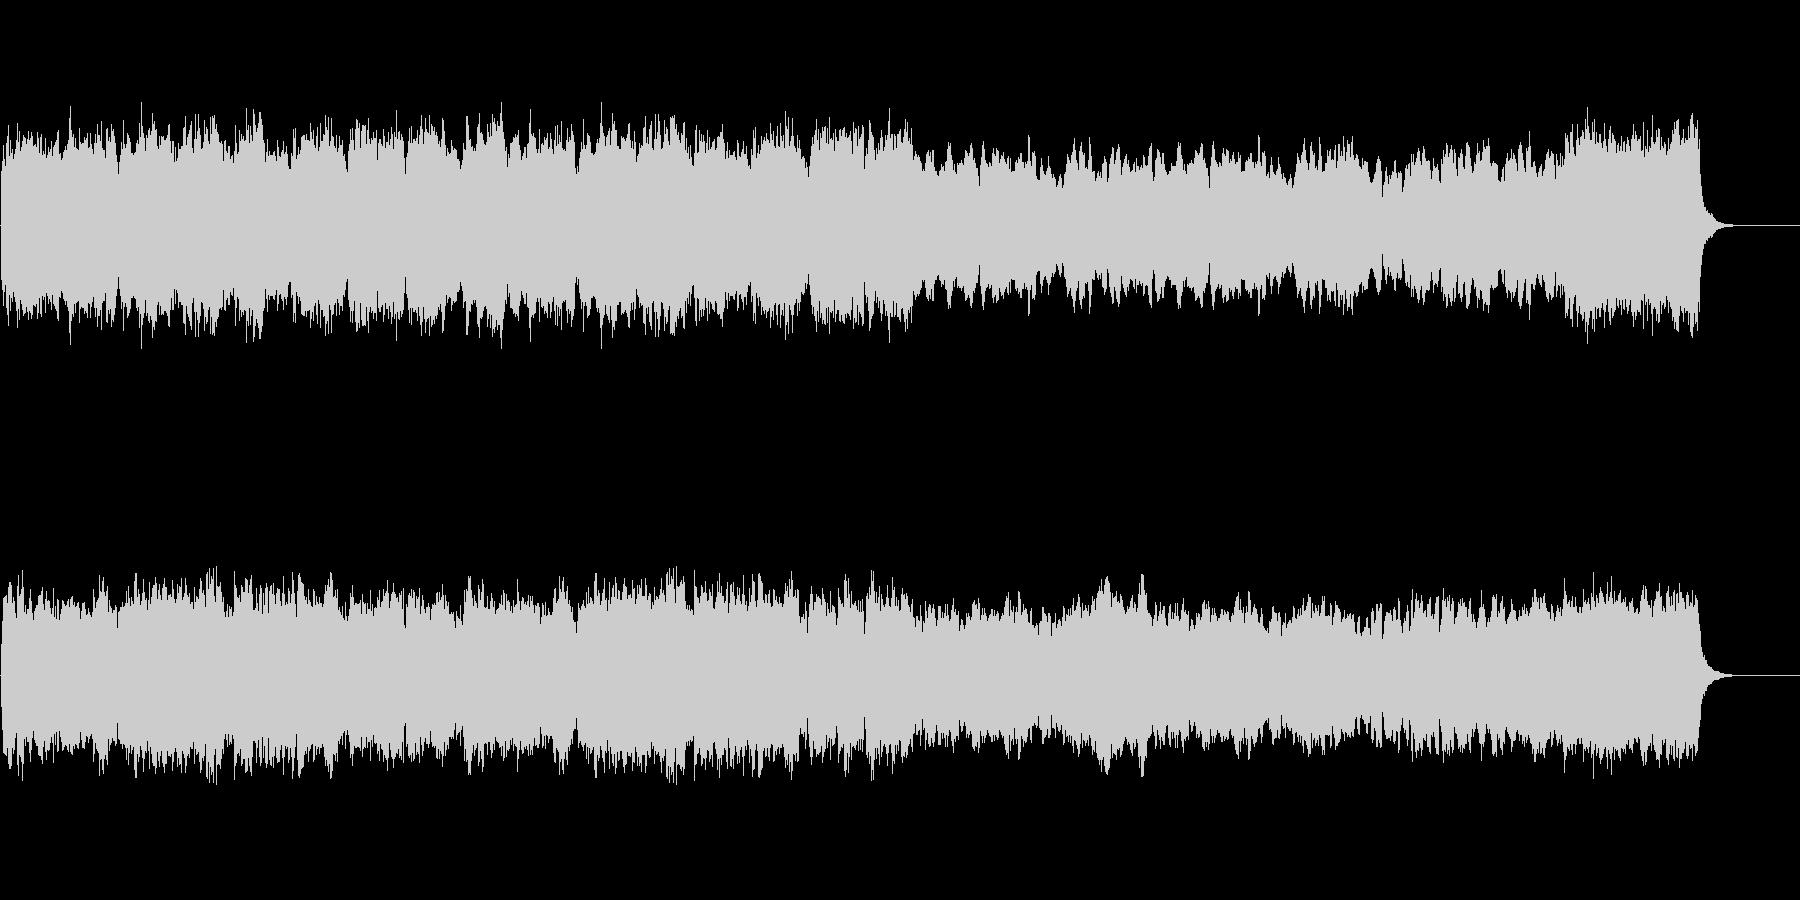 パイプオルガンの美しく荘厳な教会音楽の未再生の波形